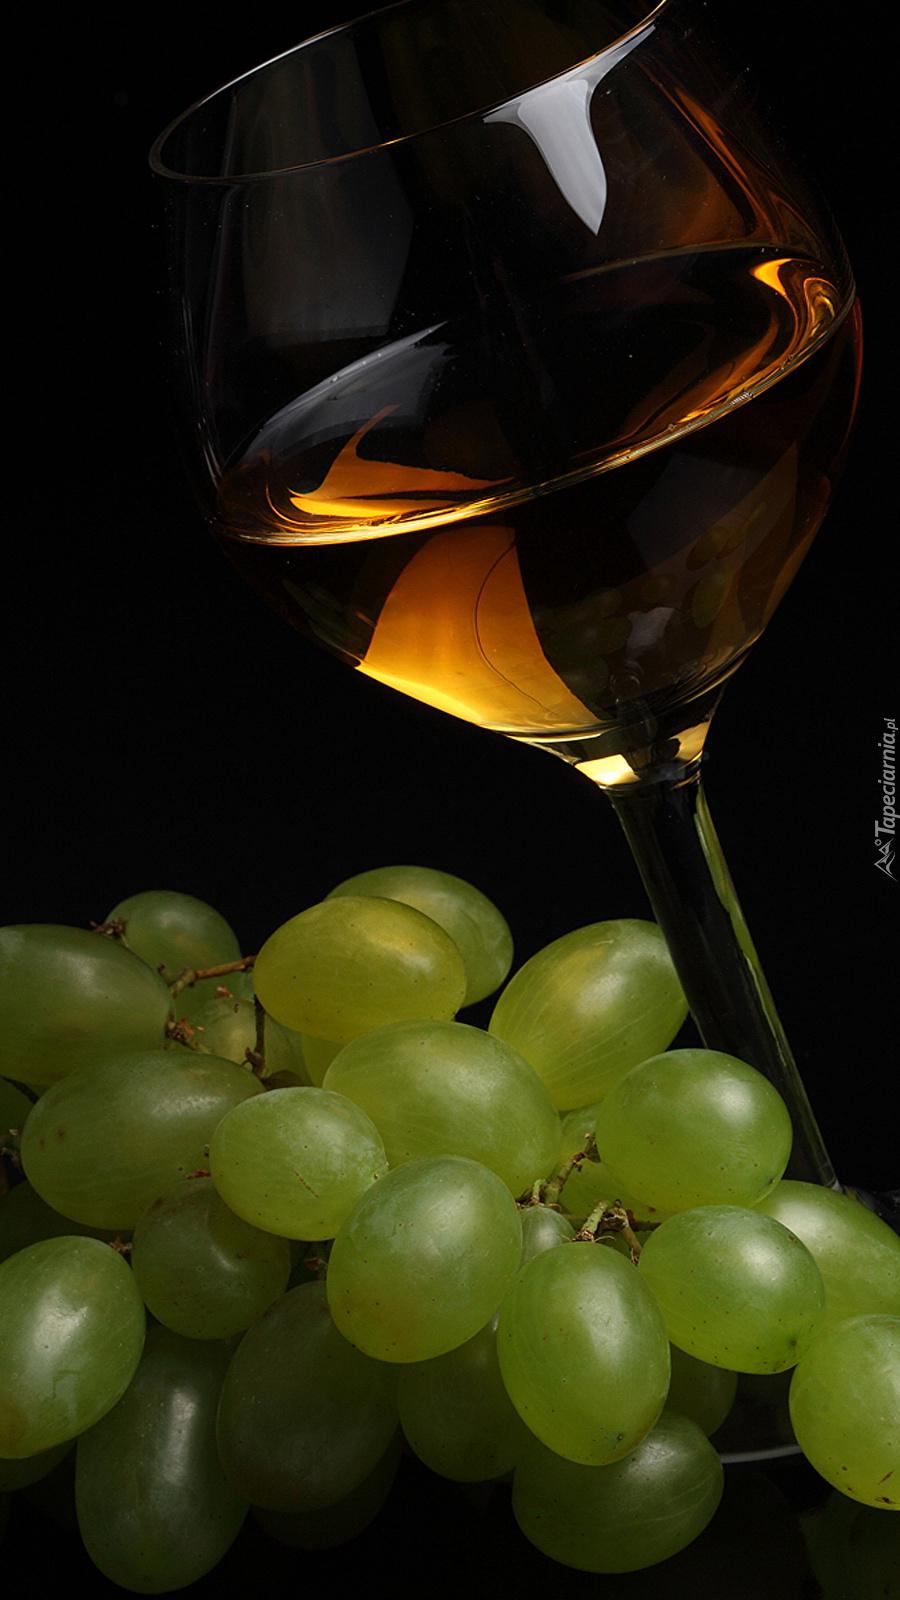 Kieliszek wina obok winogron